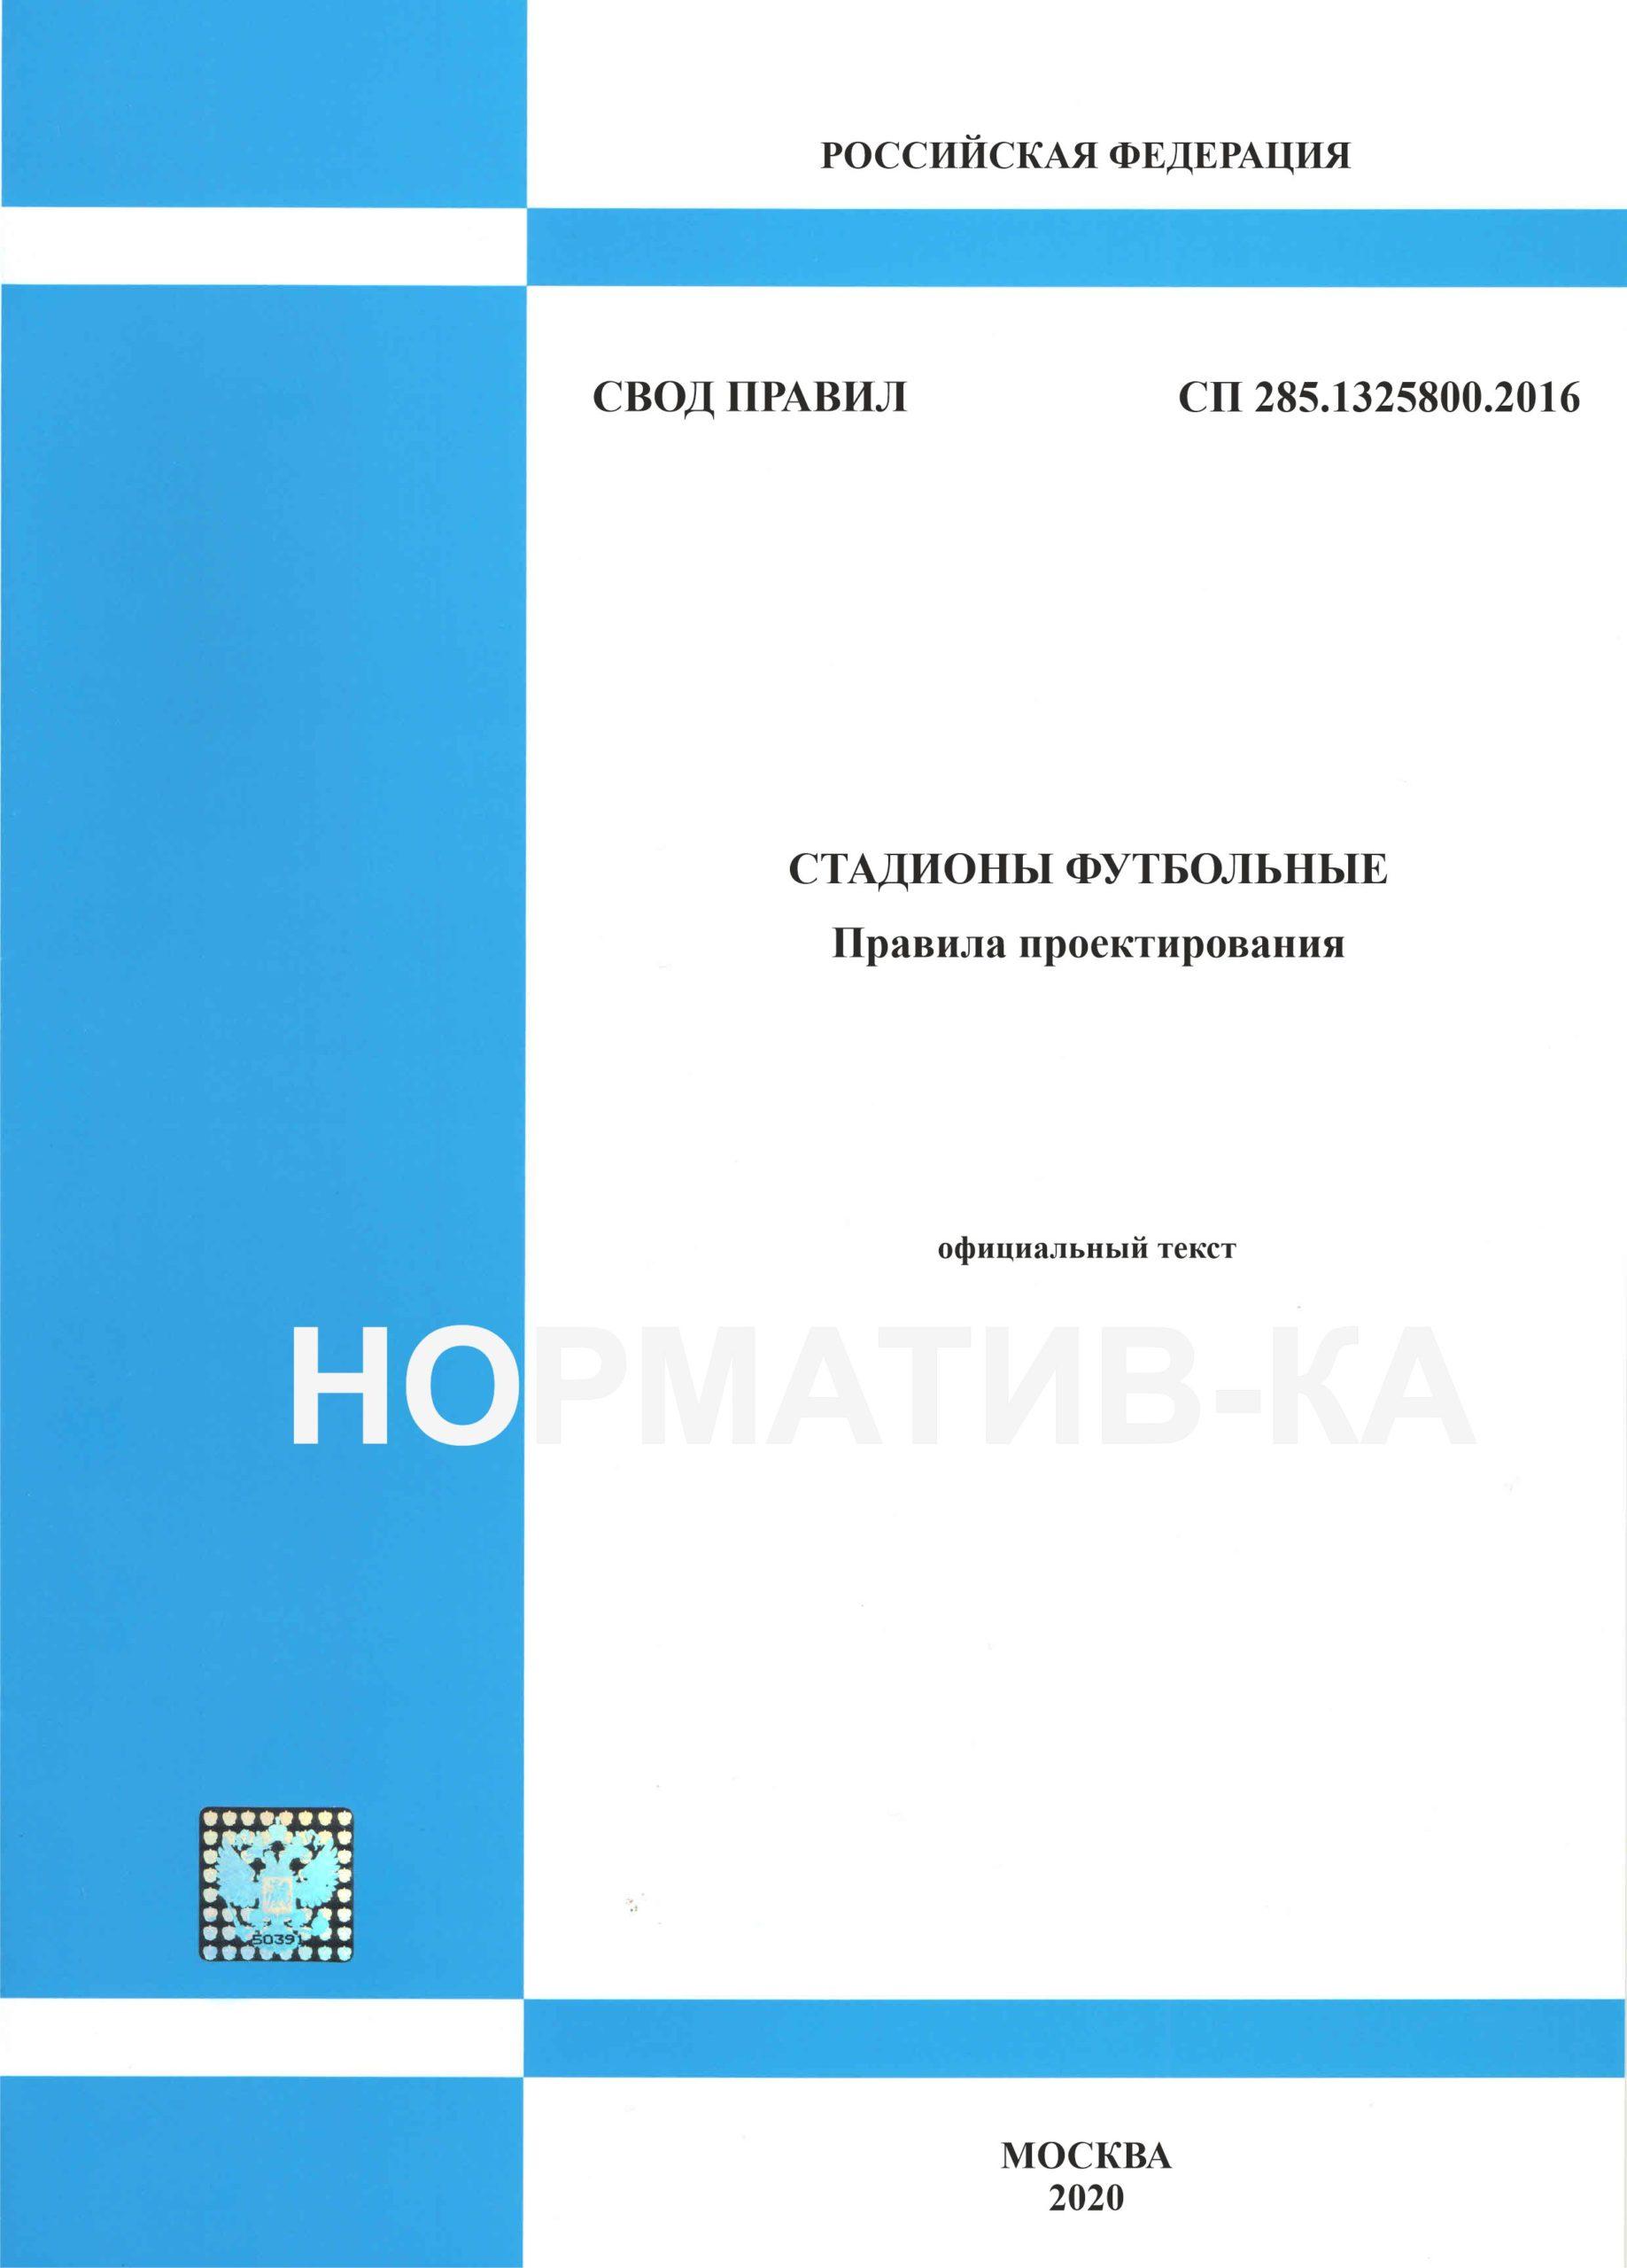 СП 285.1325800.2016